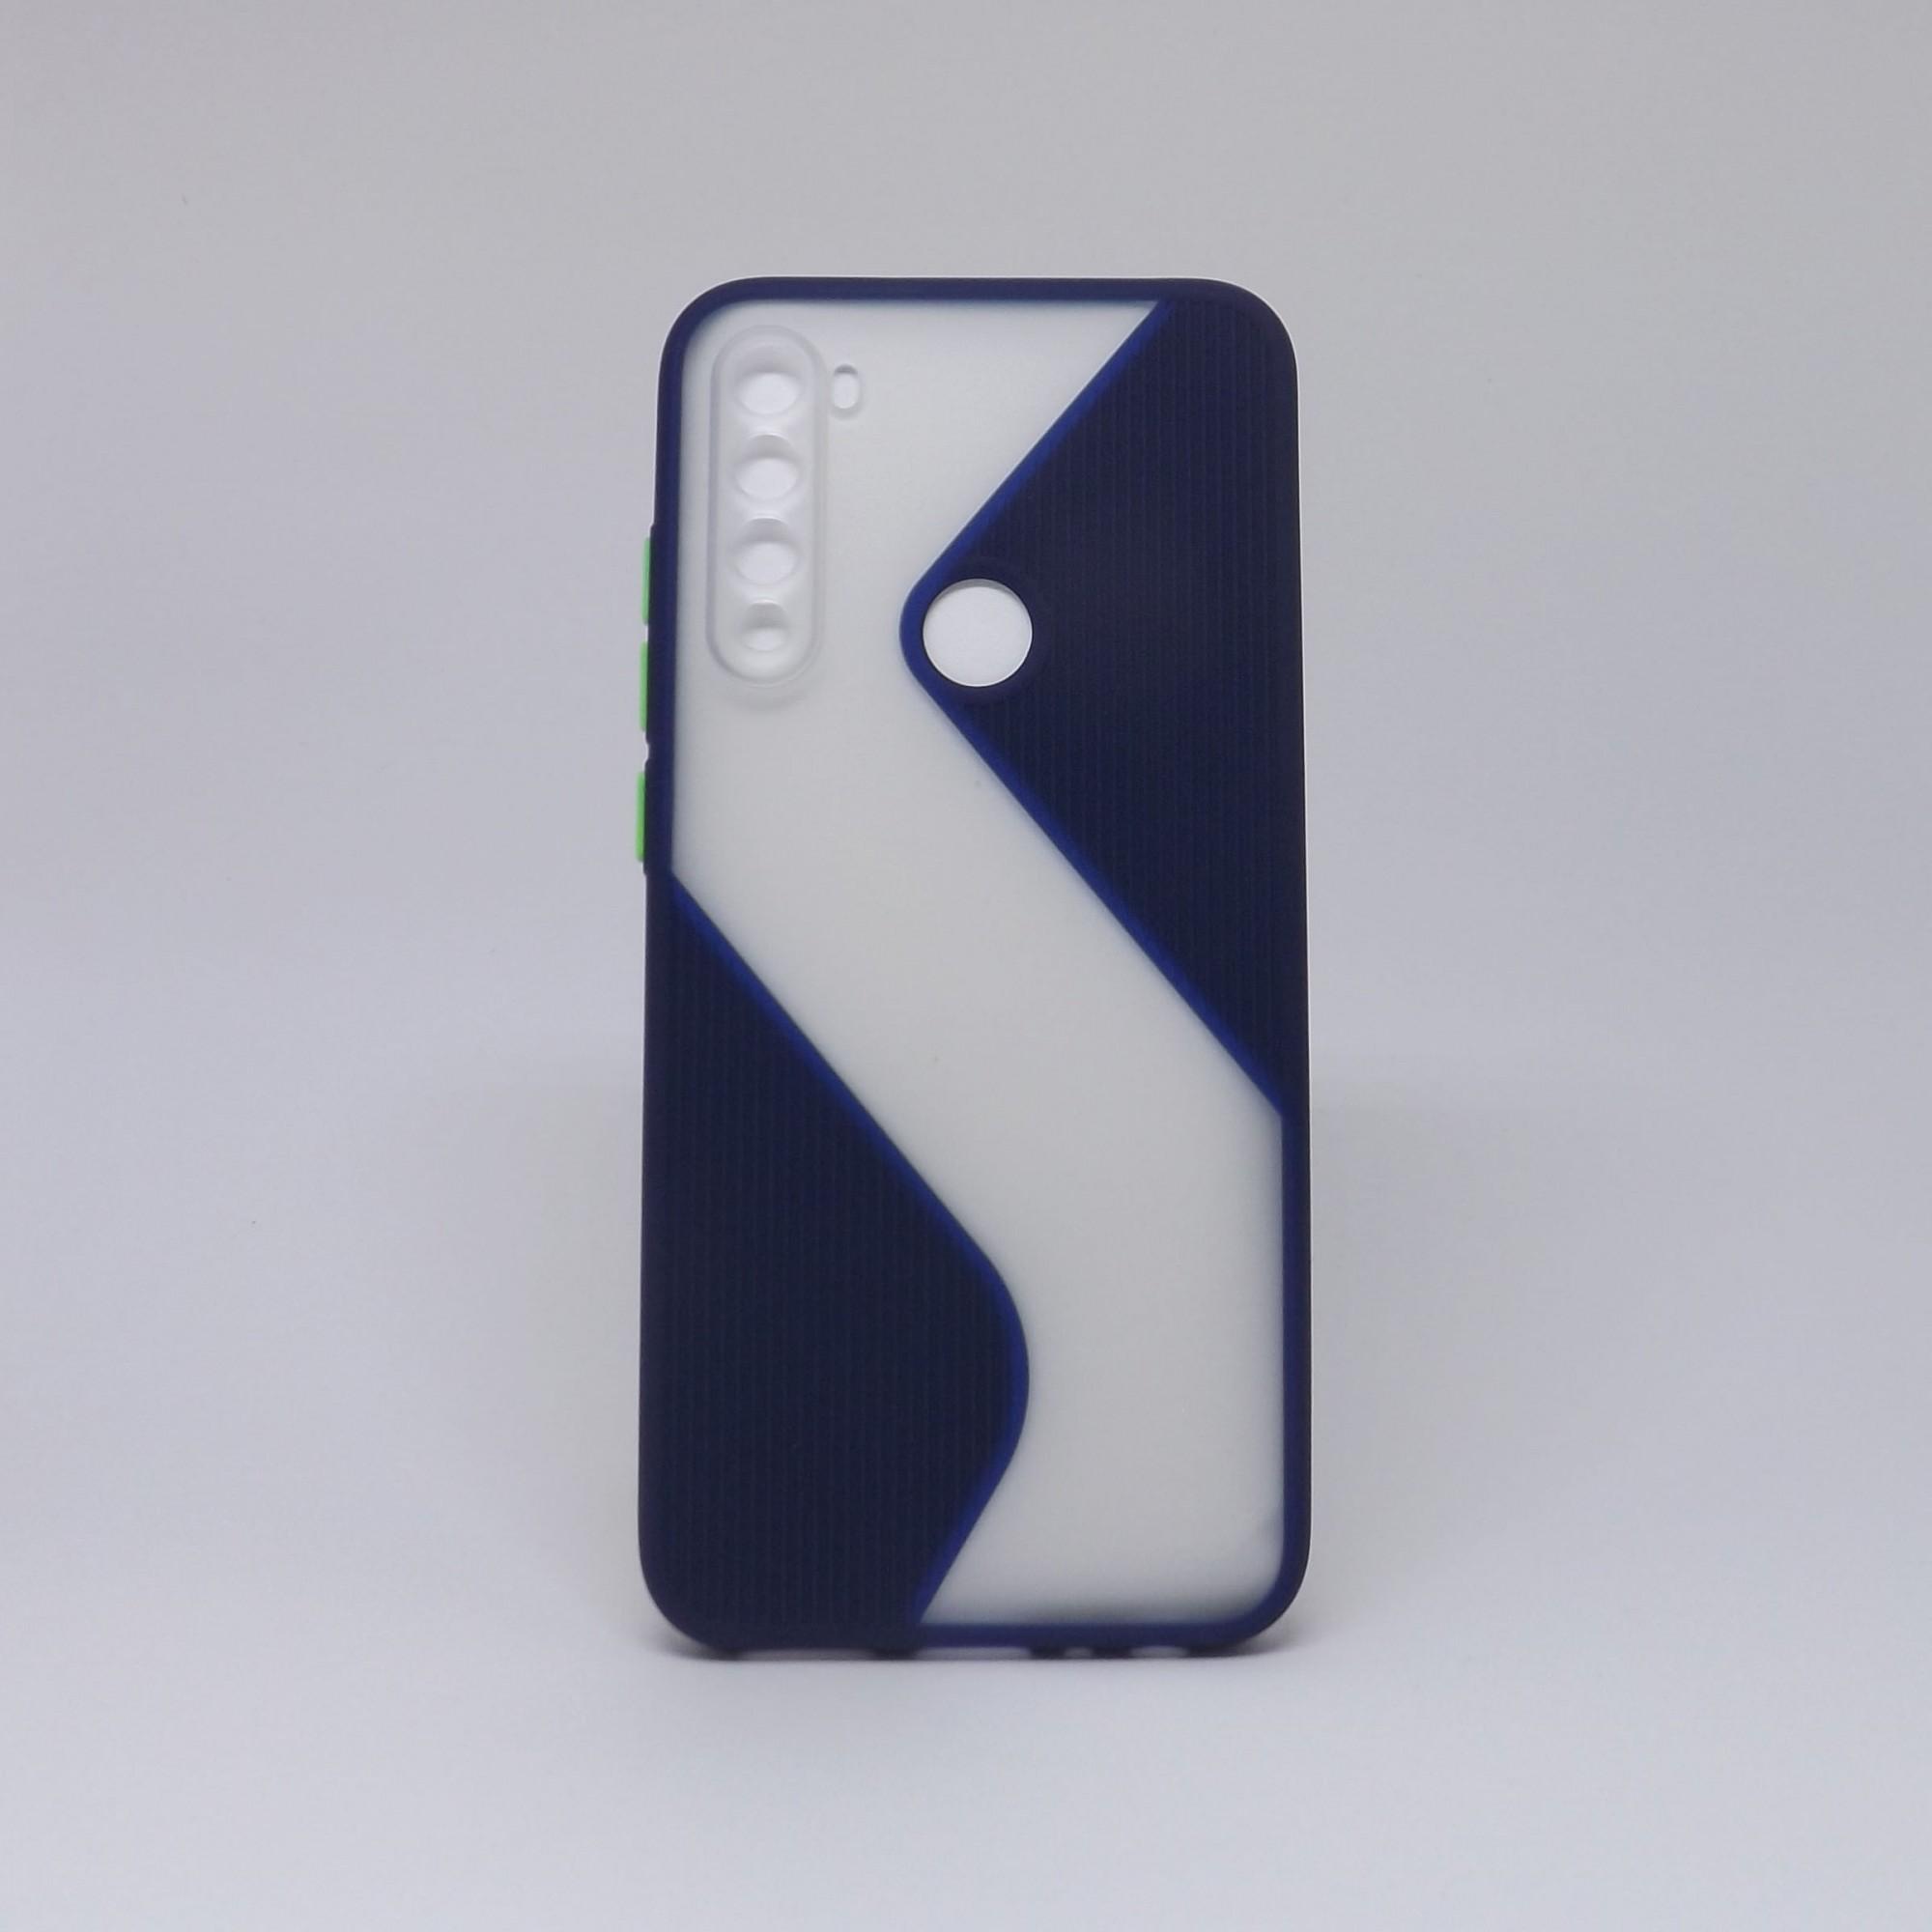 Capa Xiaomi Redmi Note 8 Transparente com Borda Colorida